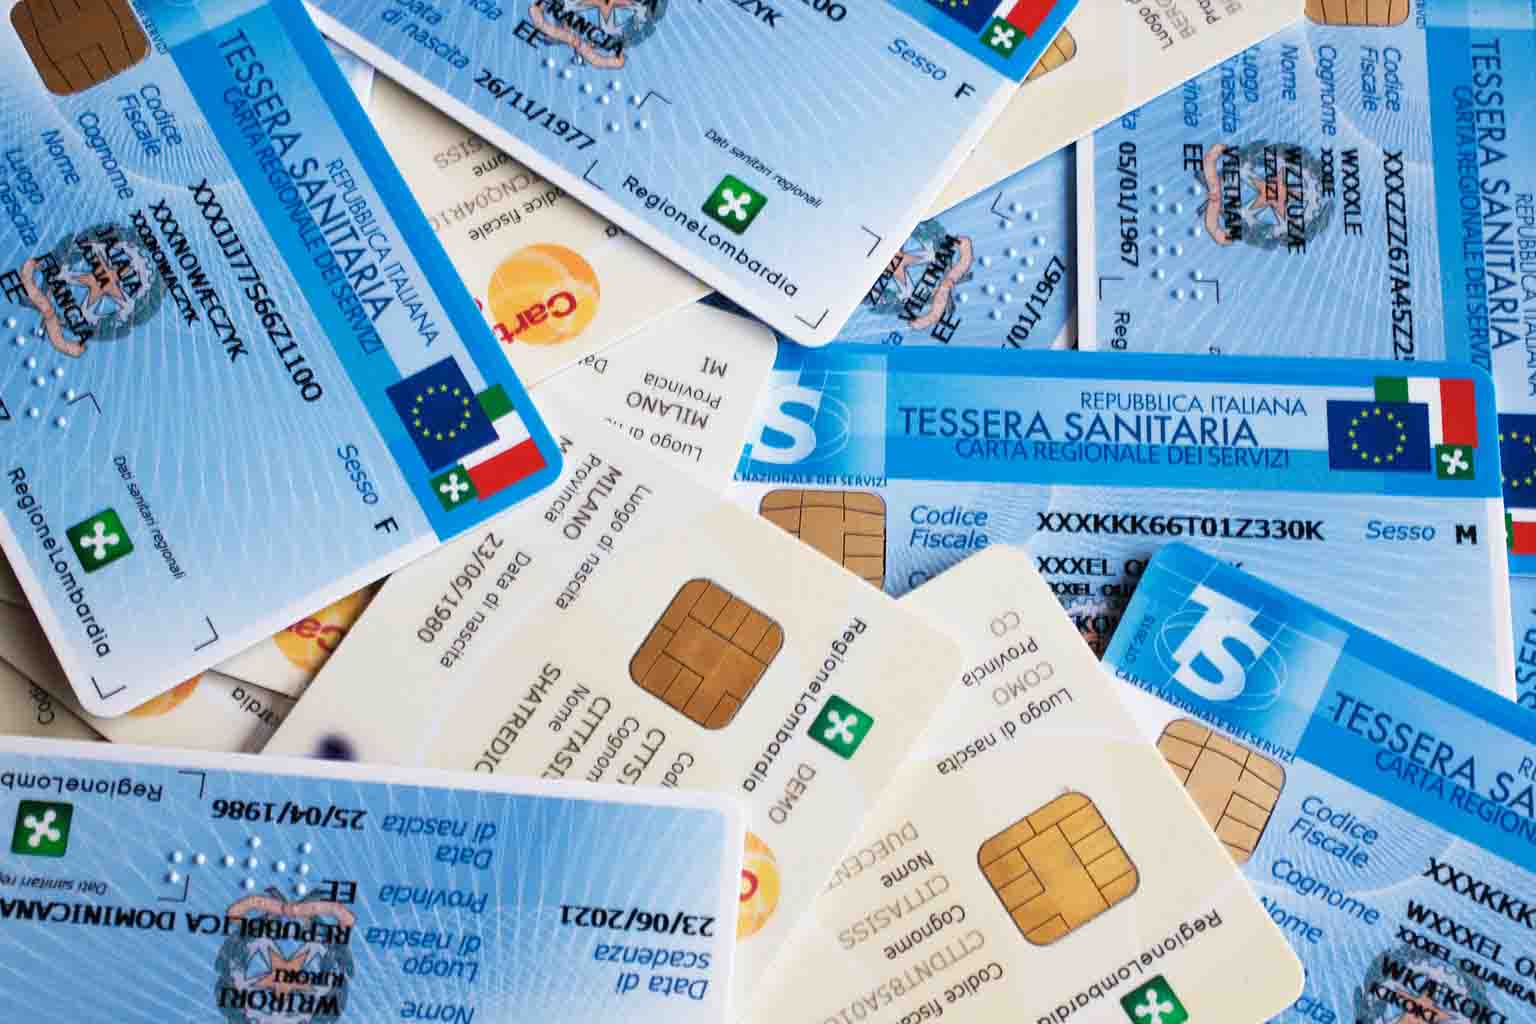 Esenzione ticket Lombardia